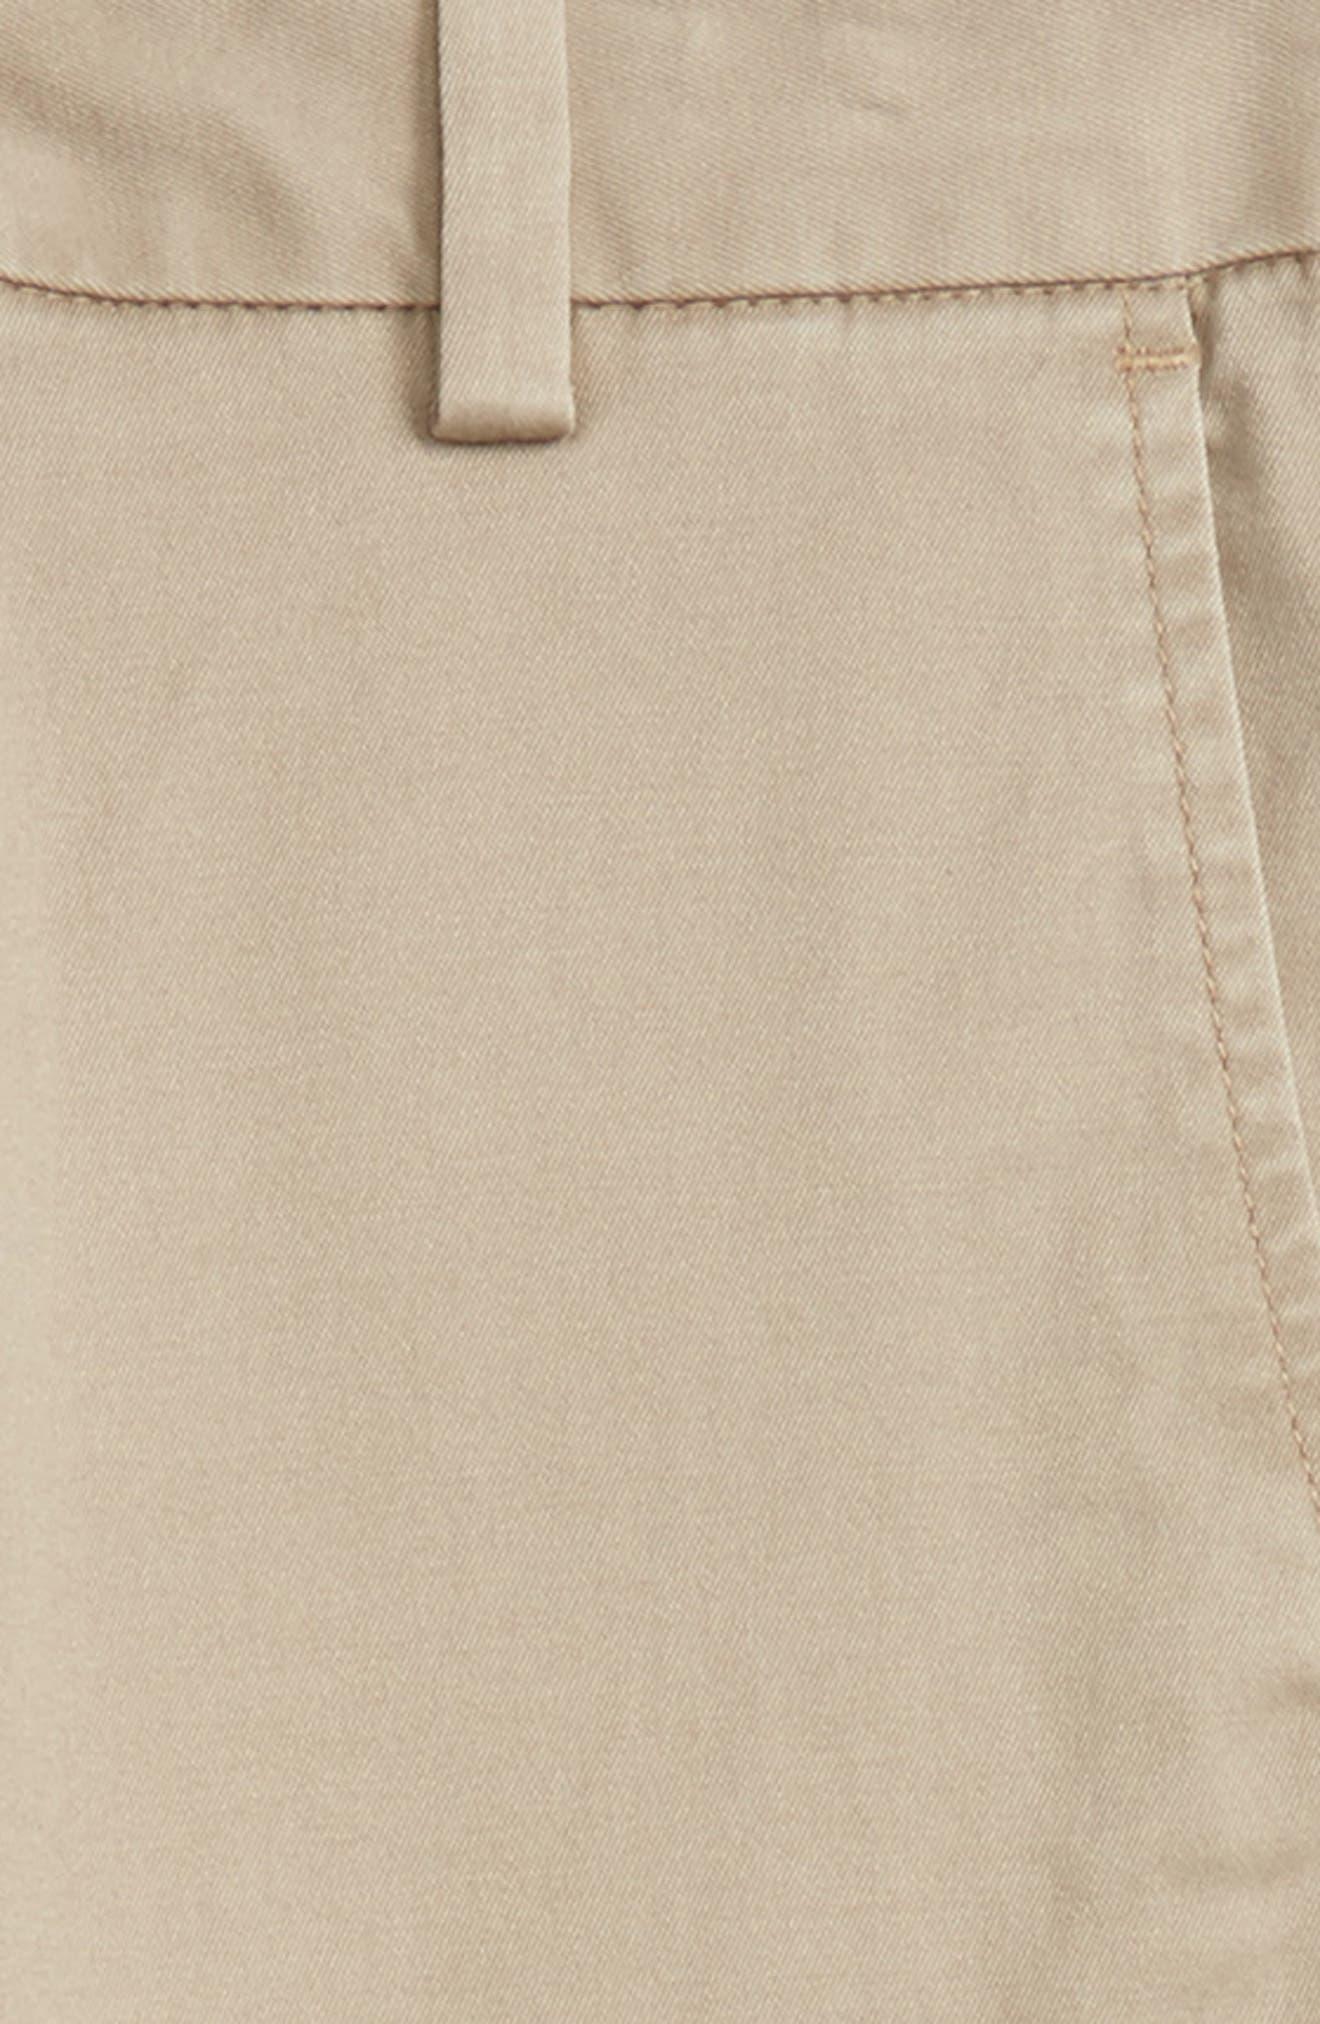 Stretch Breaker Pants,                             Alternate thumbnail 2, color,                             Khaki